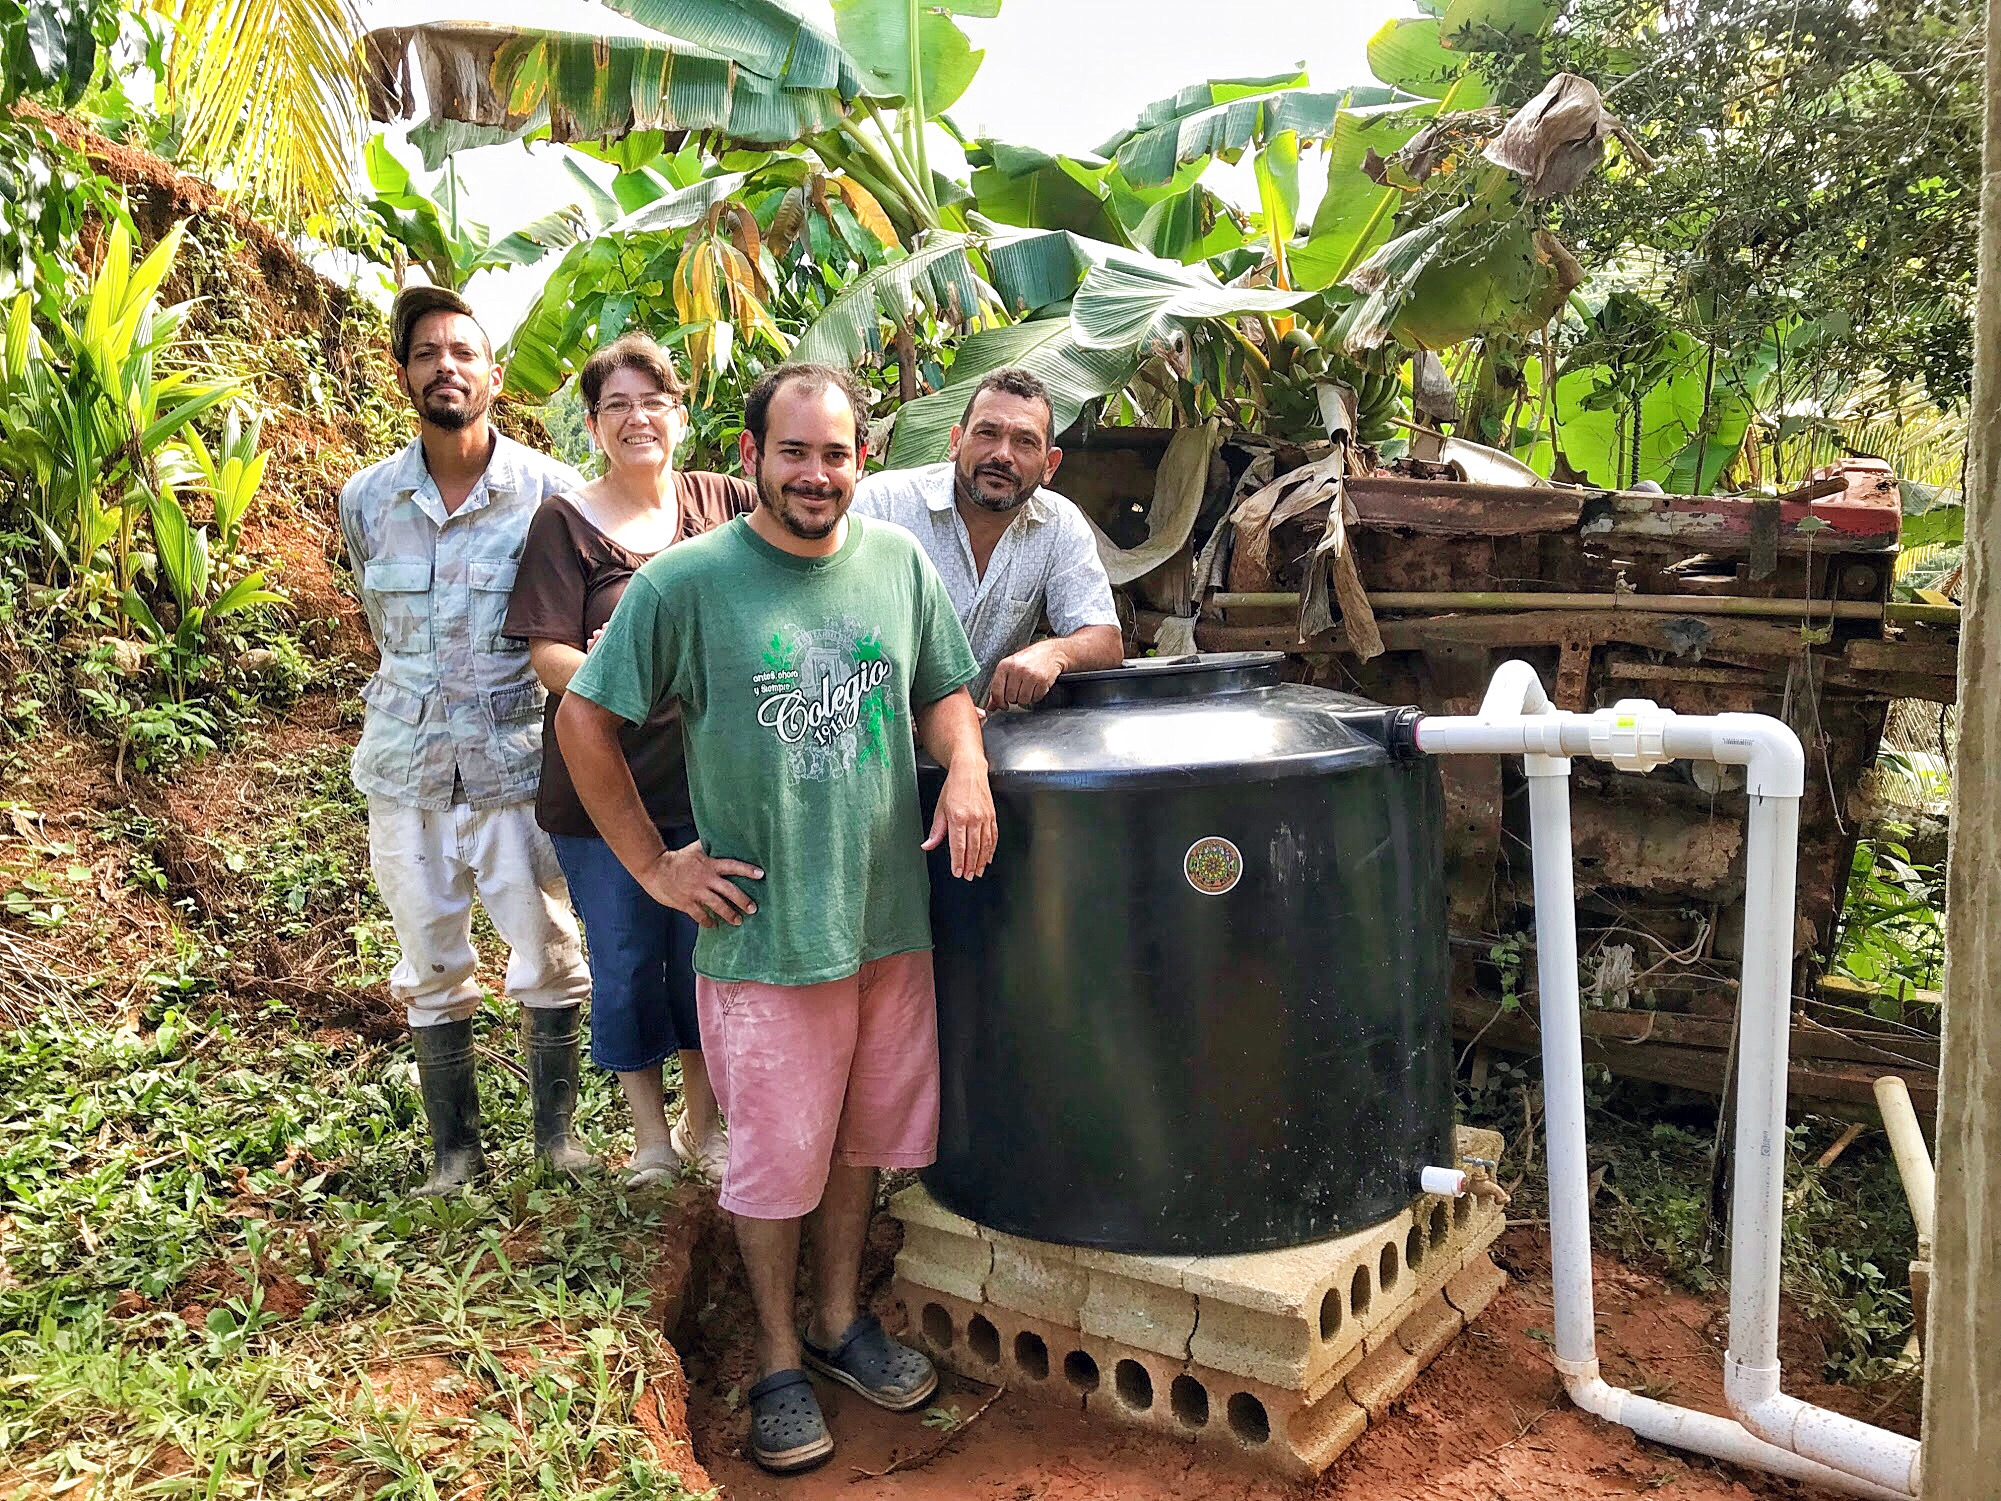 Equipan 20 hogares en Las Marías con cisternas de lluvia - EL NUEVO DÍA | SÁBADO, 15 DE JUNIO DE 2019La organización sin fines de lucro Plenitud PR escoge y adiestra a familias del municipio para que no les falta el agua durante futuras emergencias.Miriam González Lamberti no disimula cuando habla sobre la cisterna de agua de lluvia que tiene en su casa, en el barrio Altosano de este pueblo, hace poco más de tres meses…(lee más)